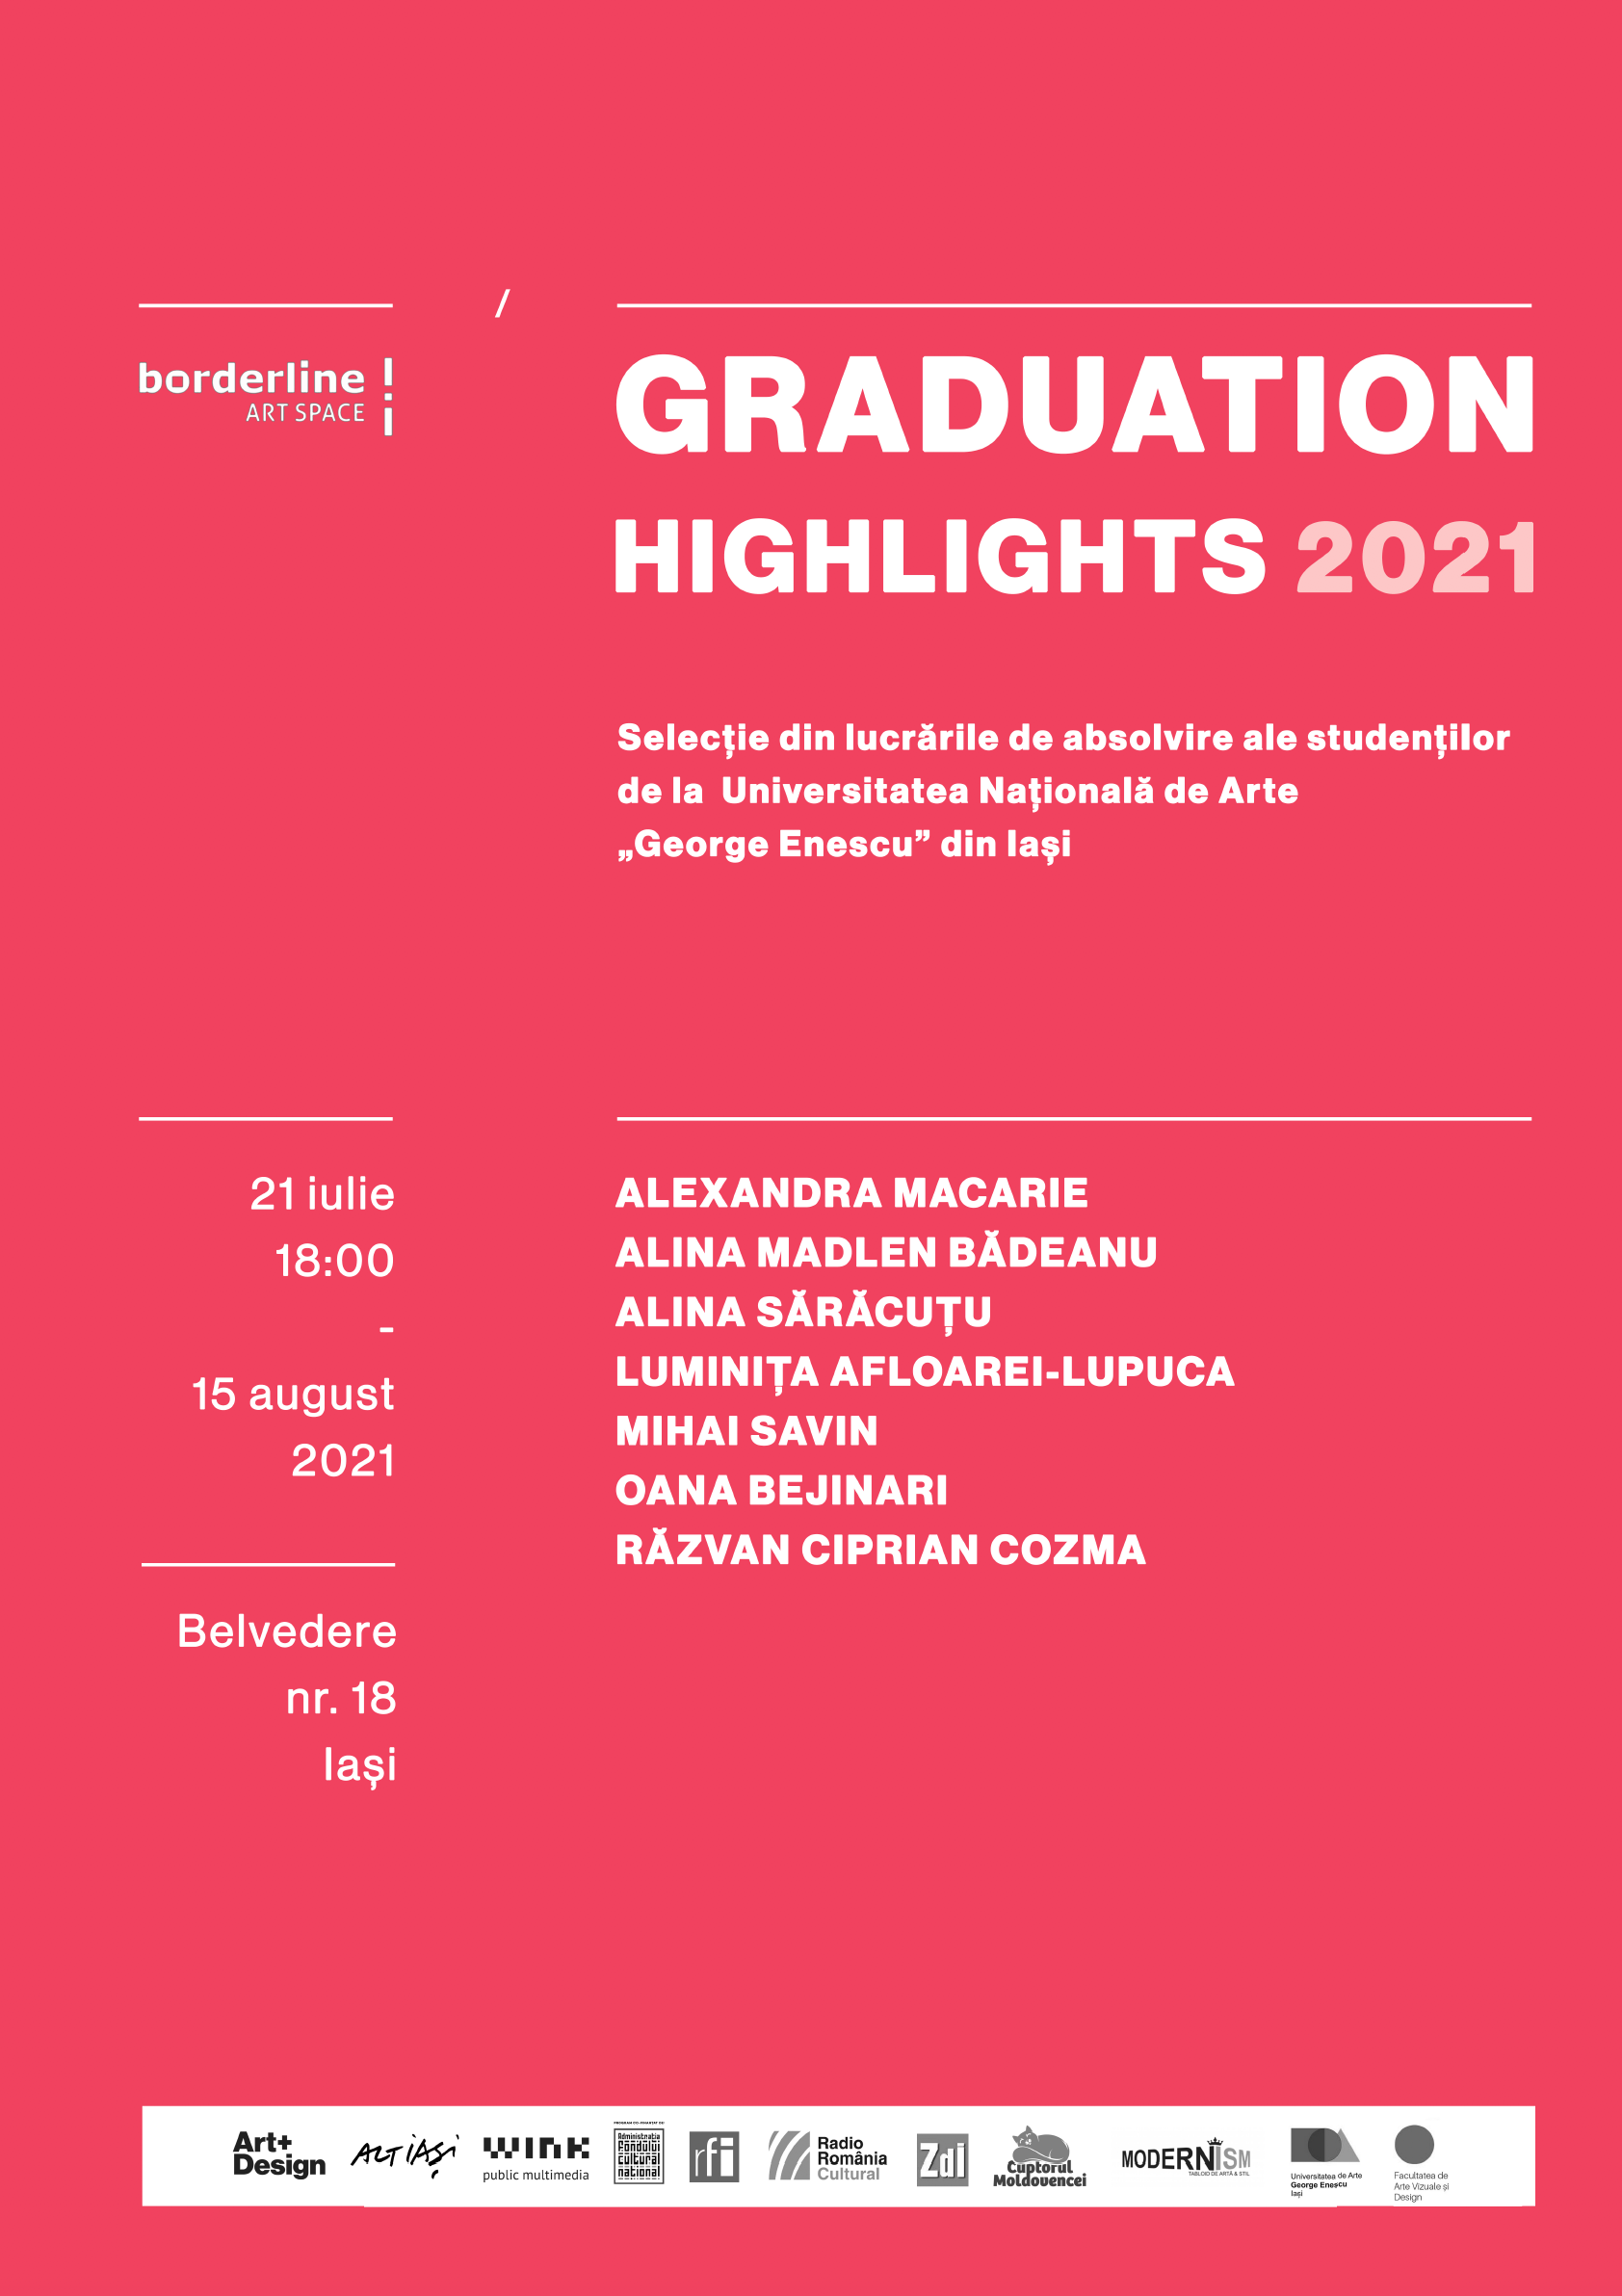 Graduation Highlights 2021 – selecție din lucrările absolvenților UNAGE